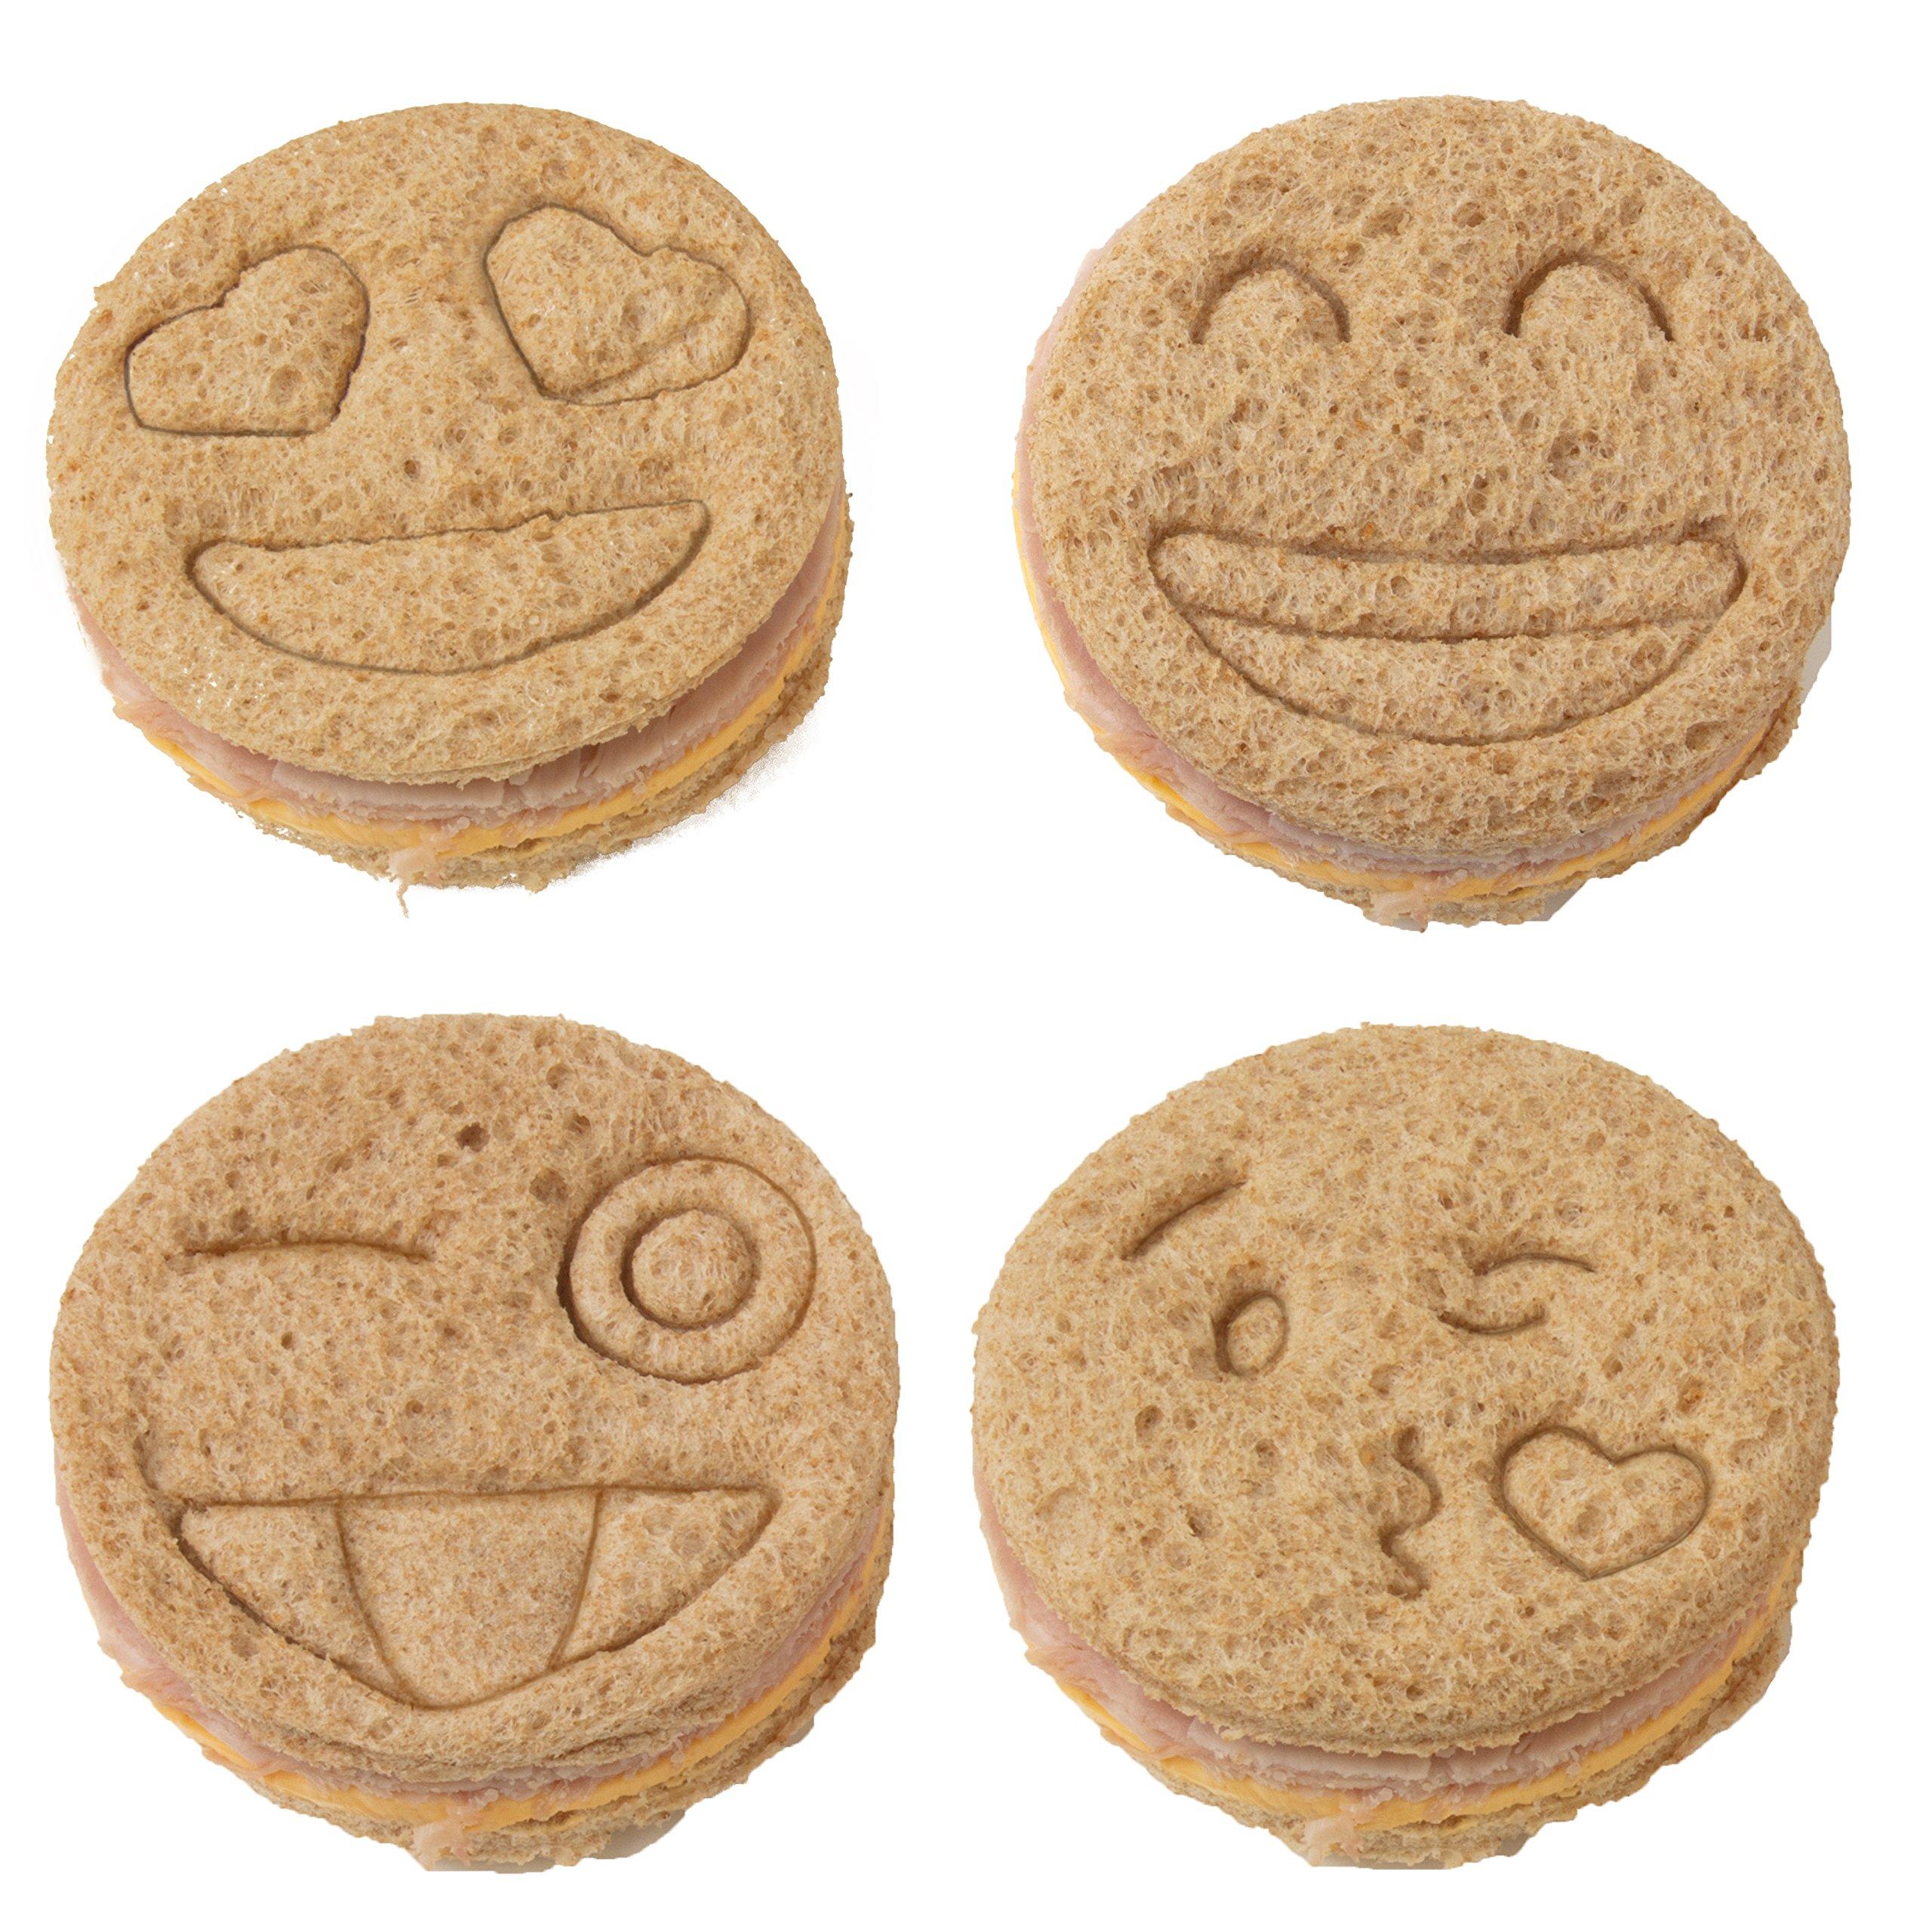 Emoji Sandwich Cutters - 4 pk - Fun Bread & Cookie Cutters with Cute Emoji Designs